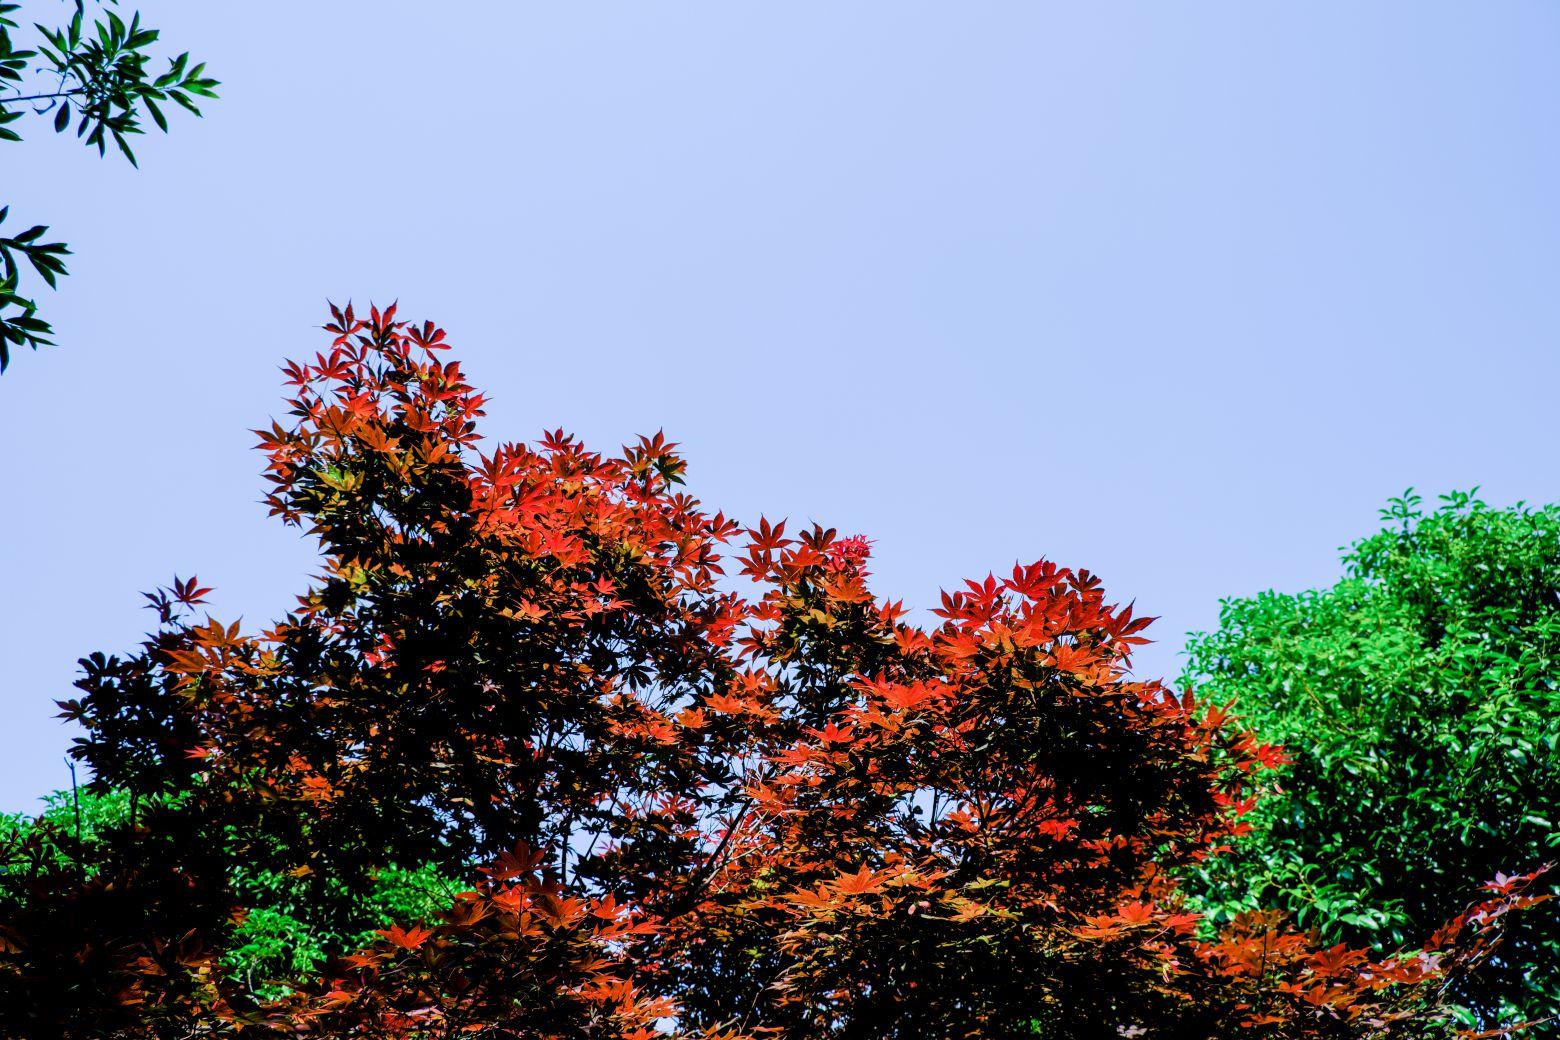 红枫叶天空图片背景 -  免费下载商用